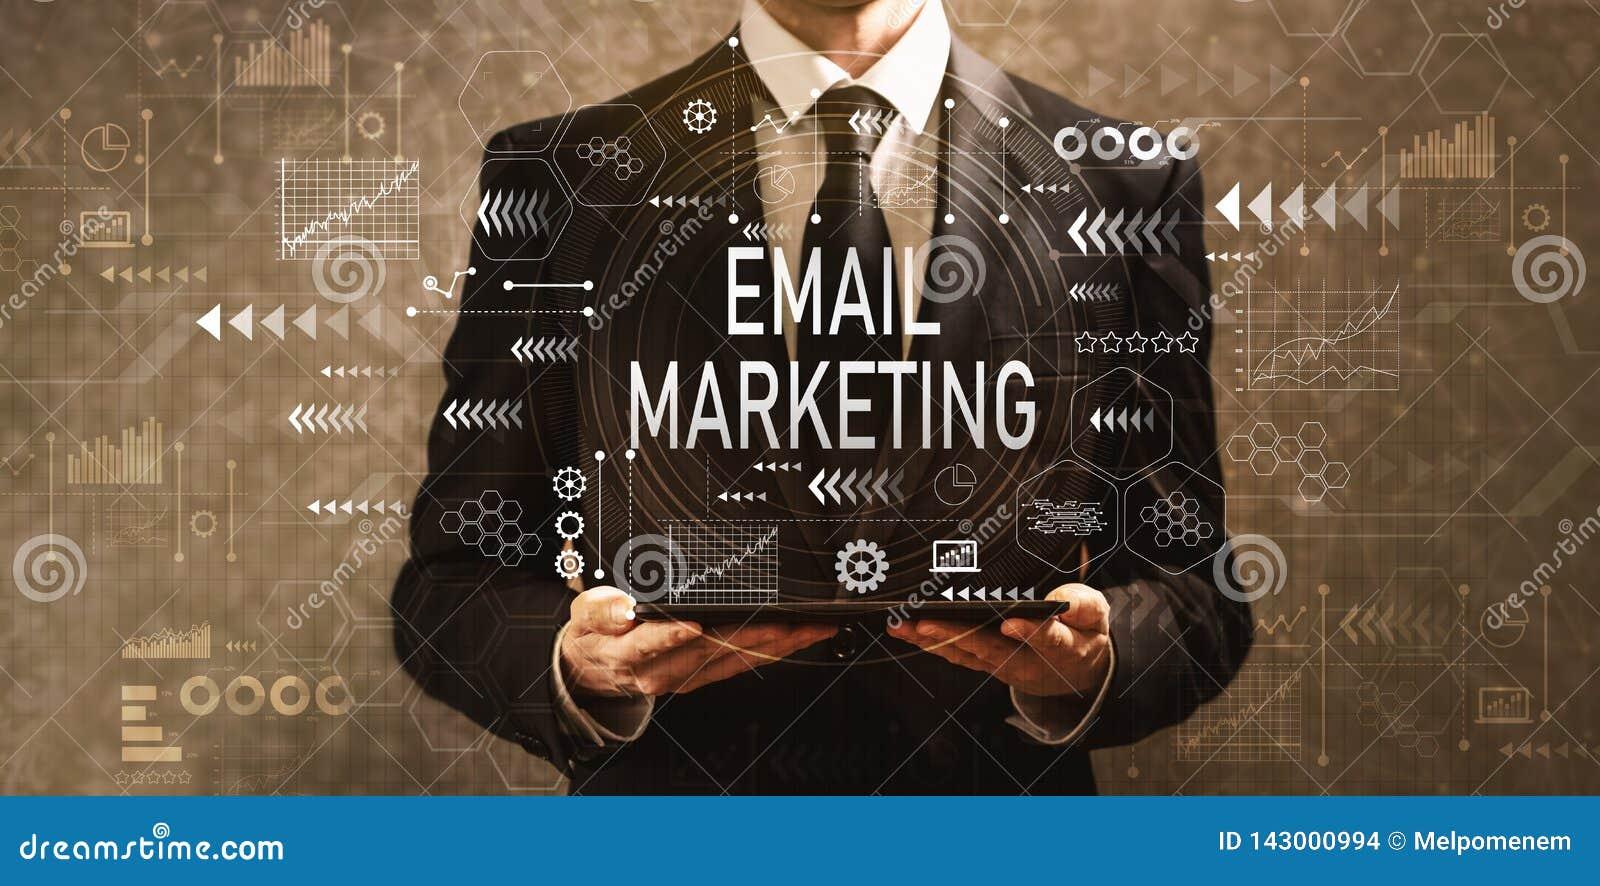 E-Mail-Marketing mit dem Geschäftsmann, der einen Tablet-Computer hält